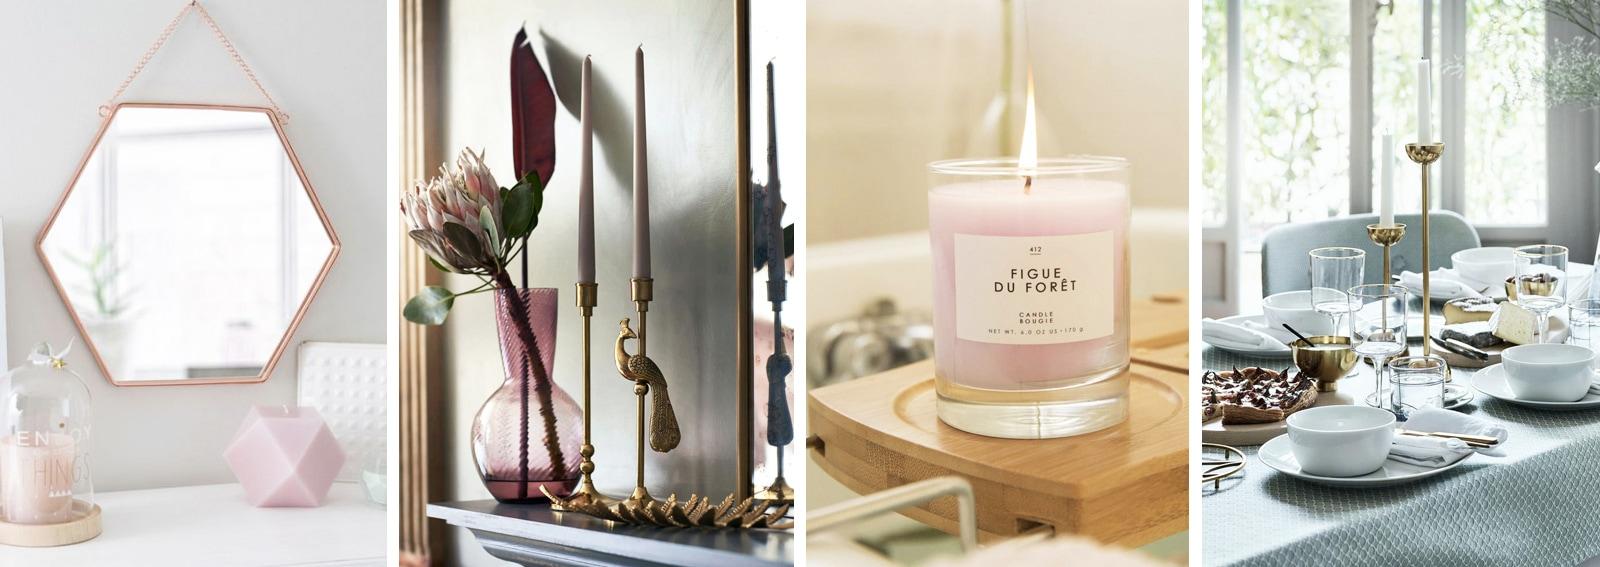 cover-decorare-casa-candele-desktop